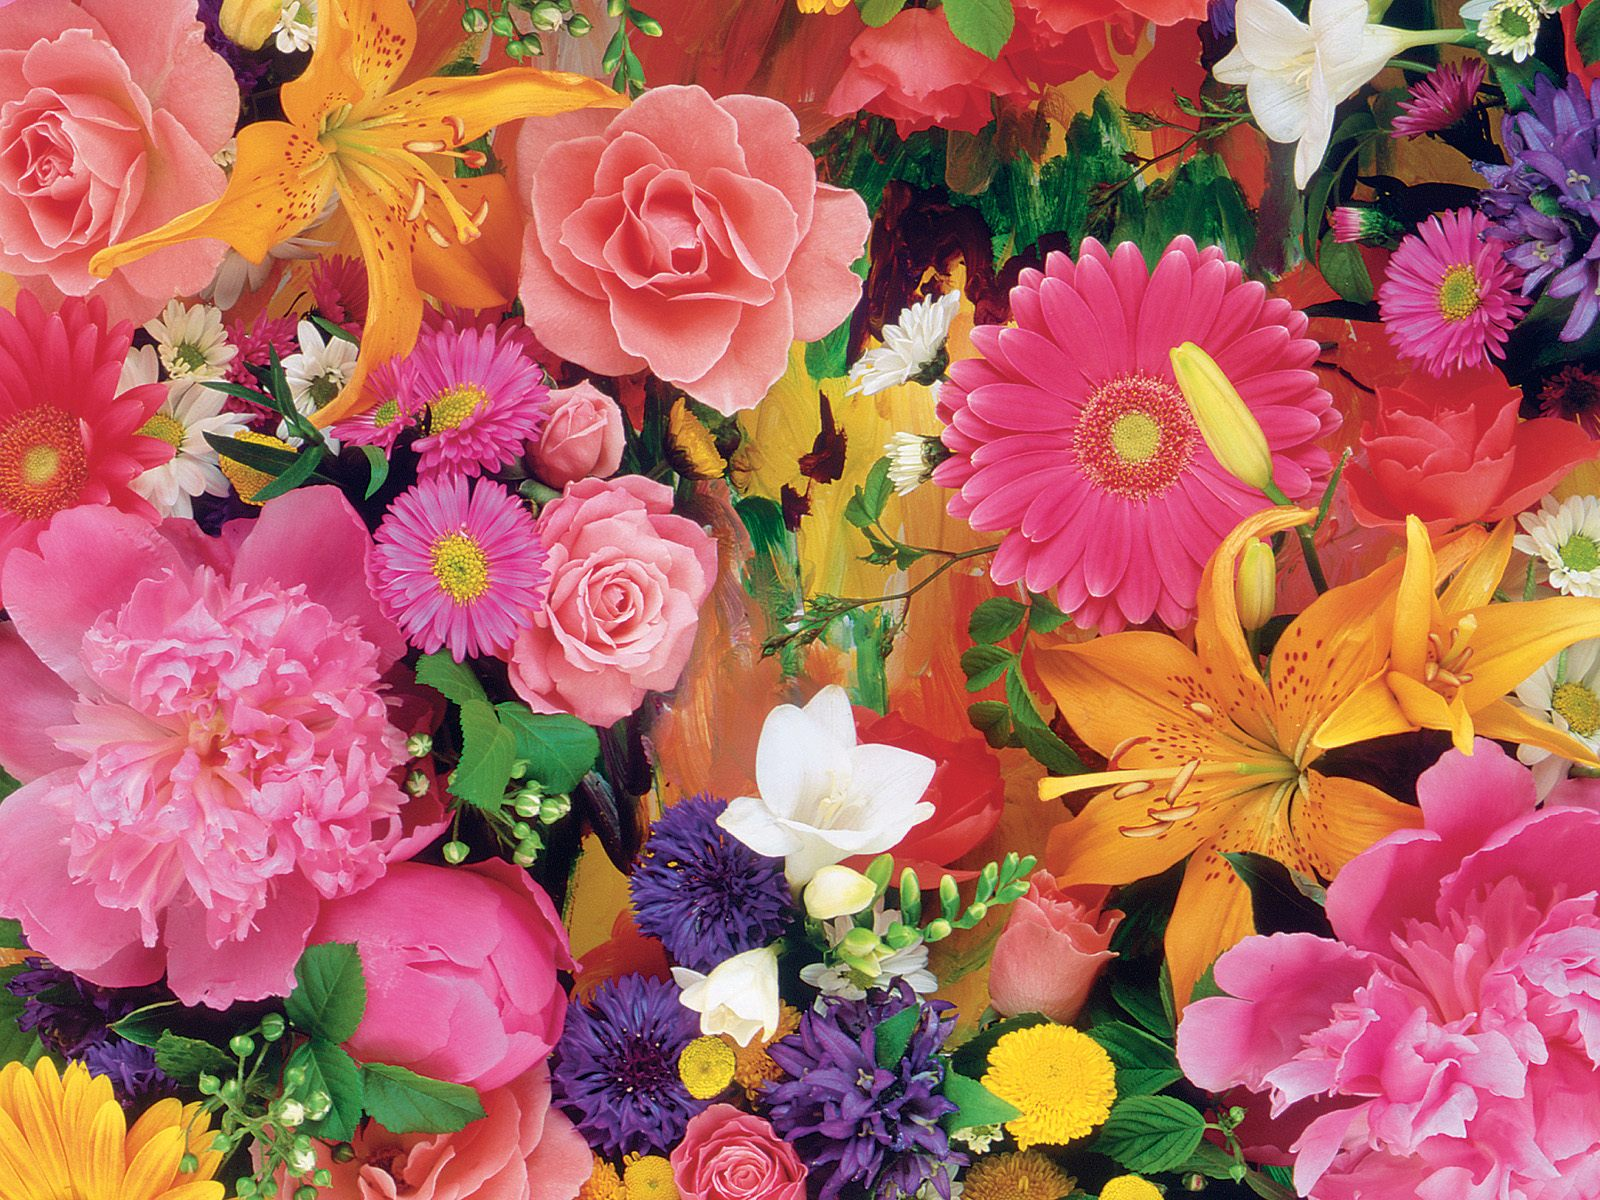 صور صور ورود روعه , التقاط سحر الورود الطبيعية فى صور خاصة رائعة